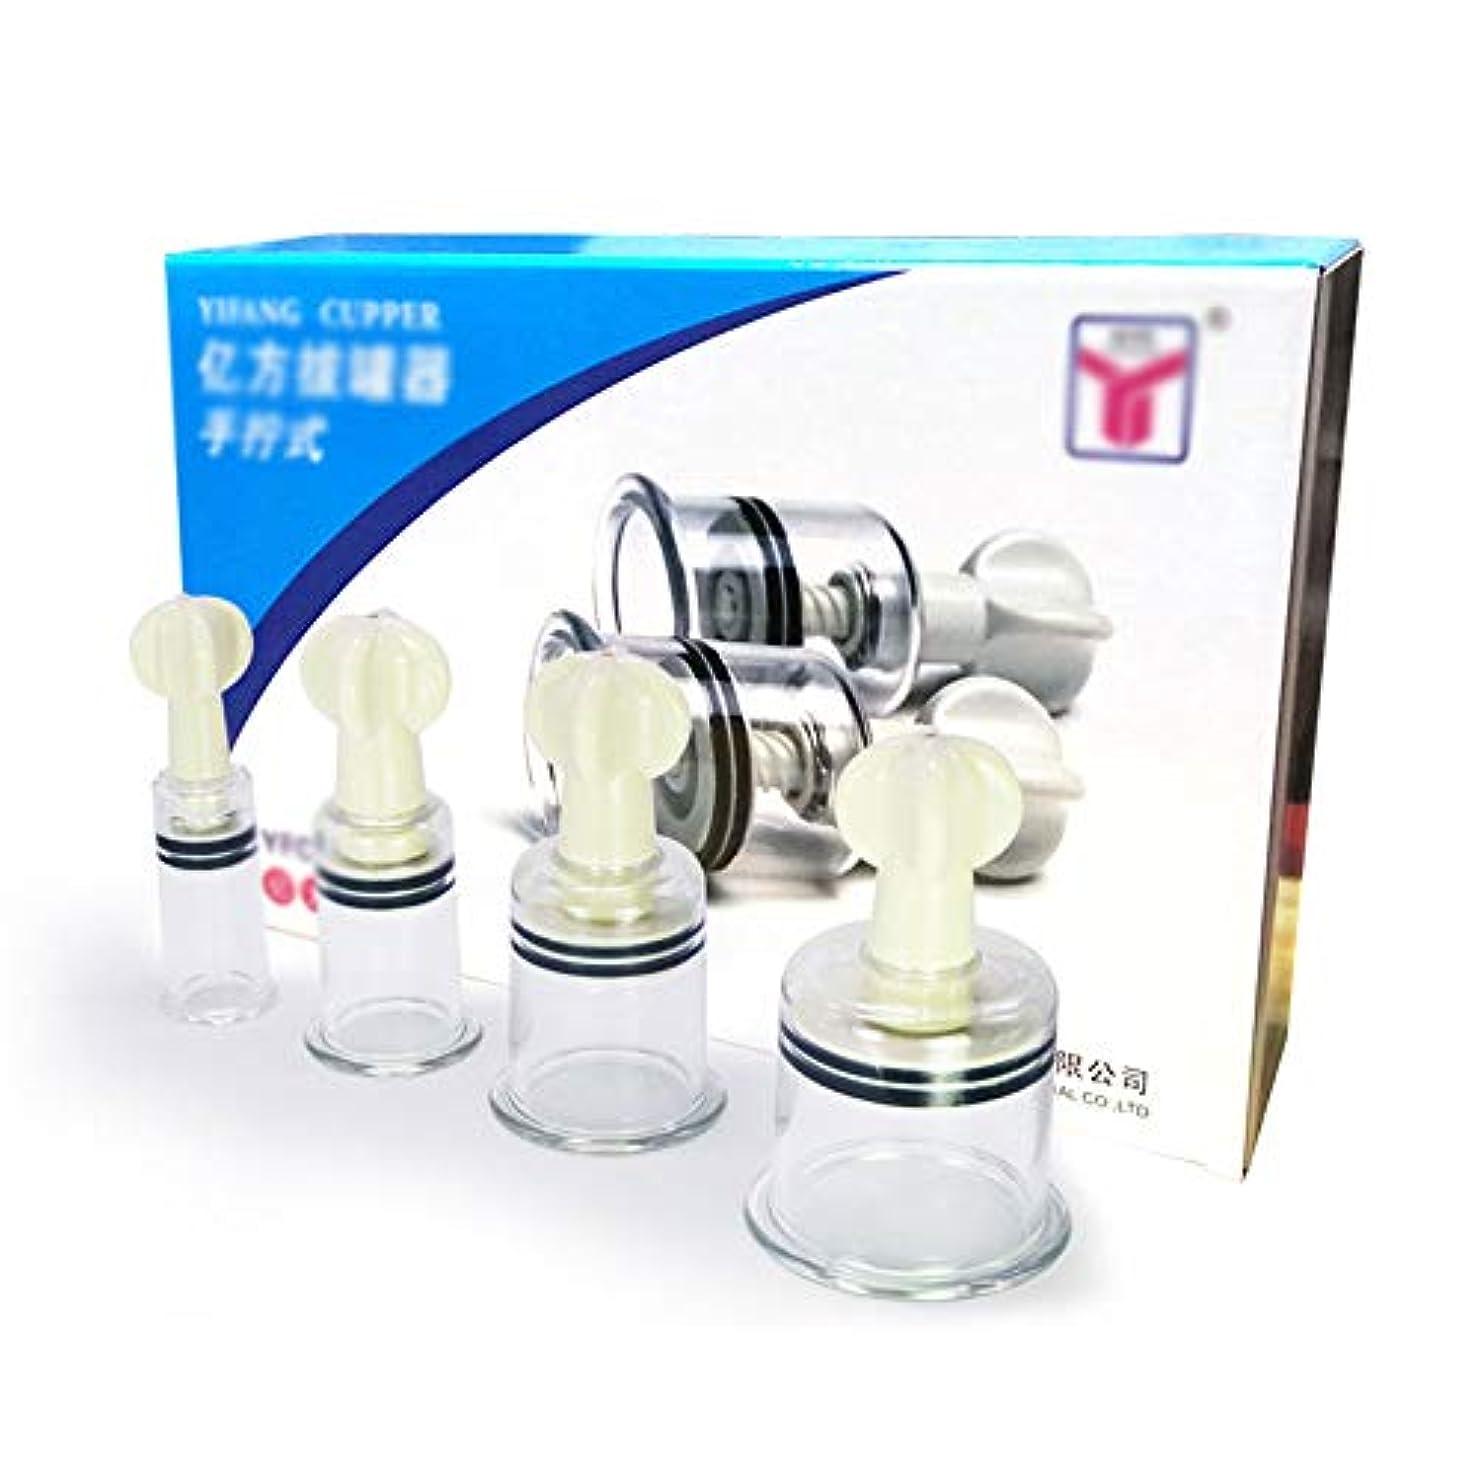 不公平請求透けるキャッピング装置 - マニュアルロータリープロップ治療装置4/12カップセット大人用非ポンピングガスシリンダー 美しさ (サイズ さいず : 4 cans)